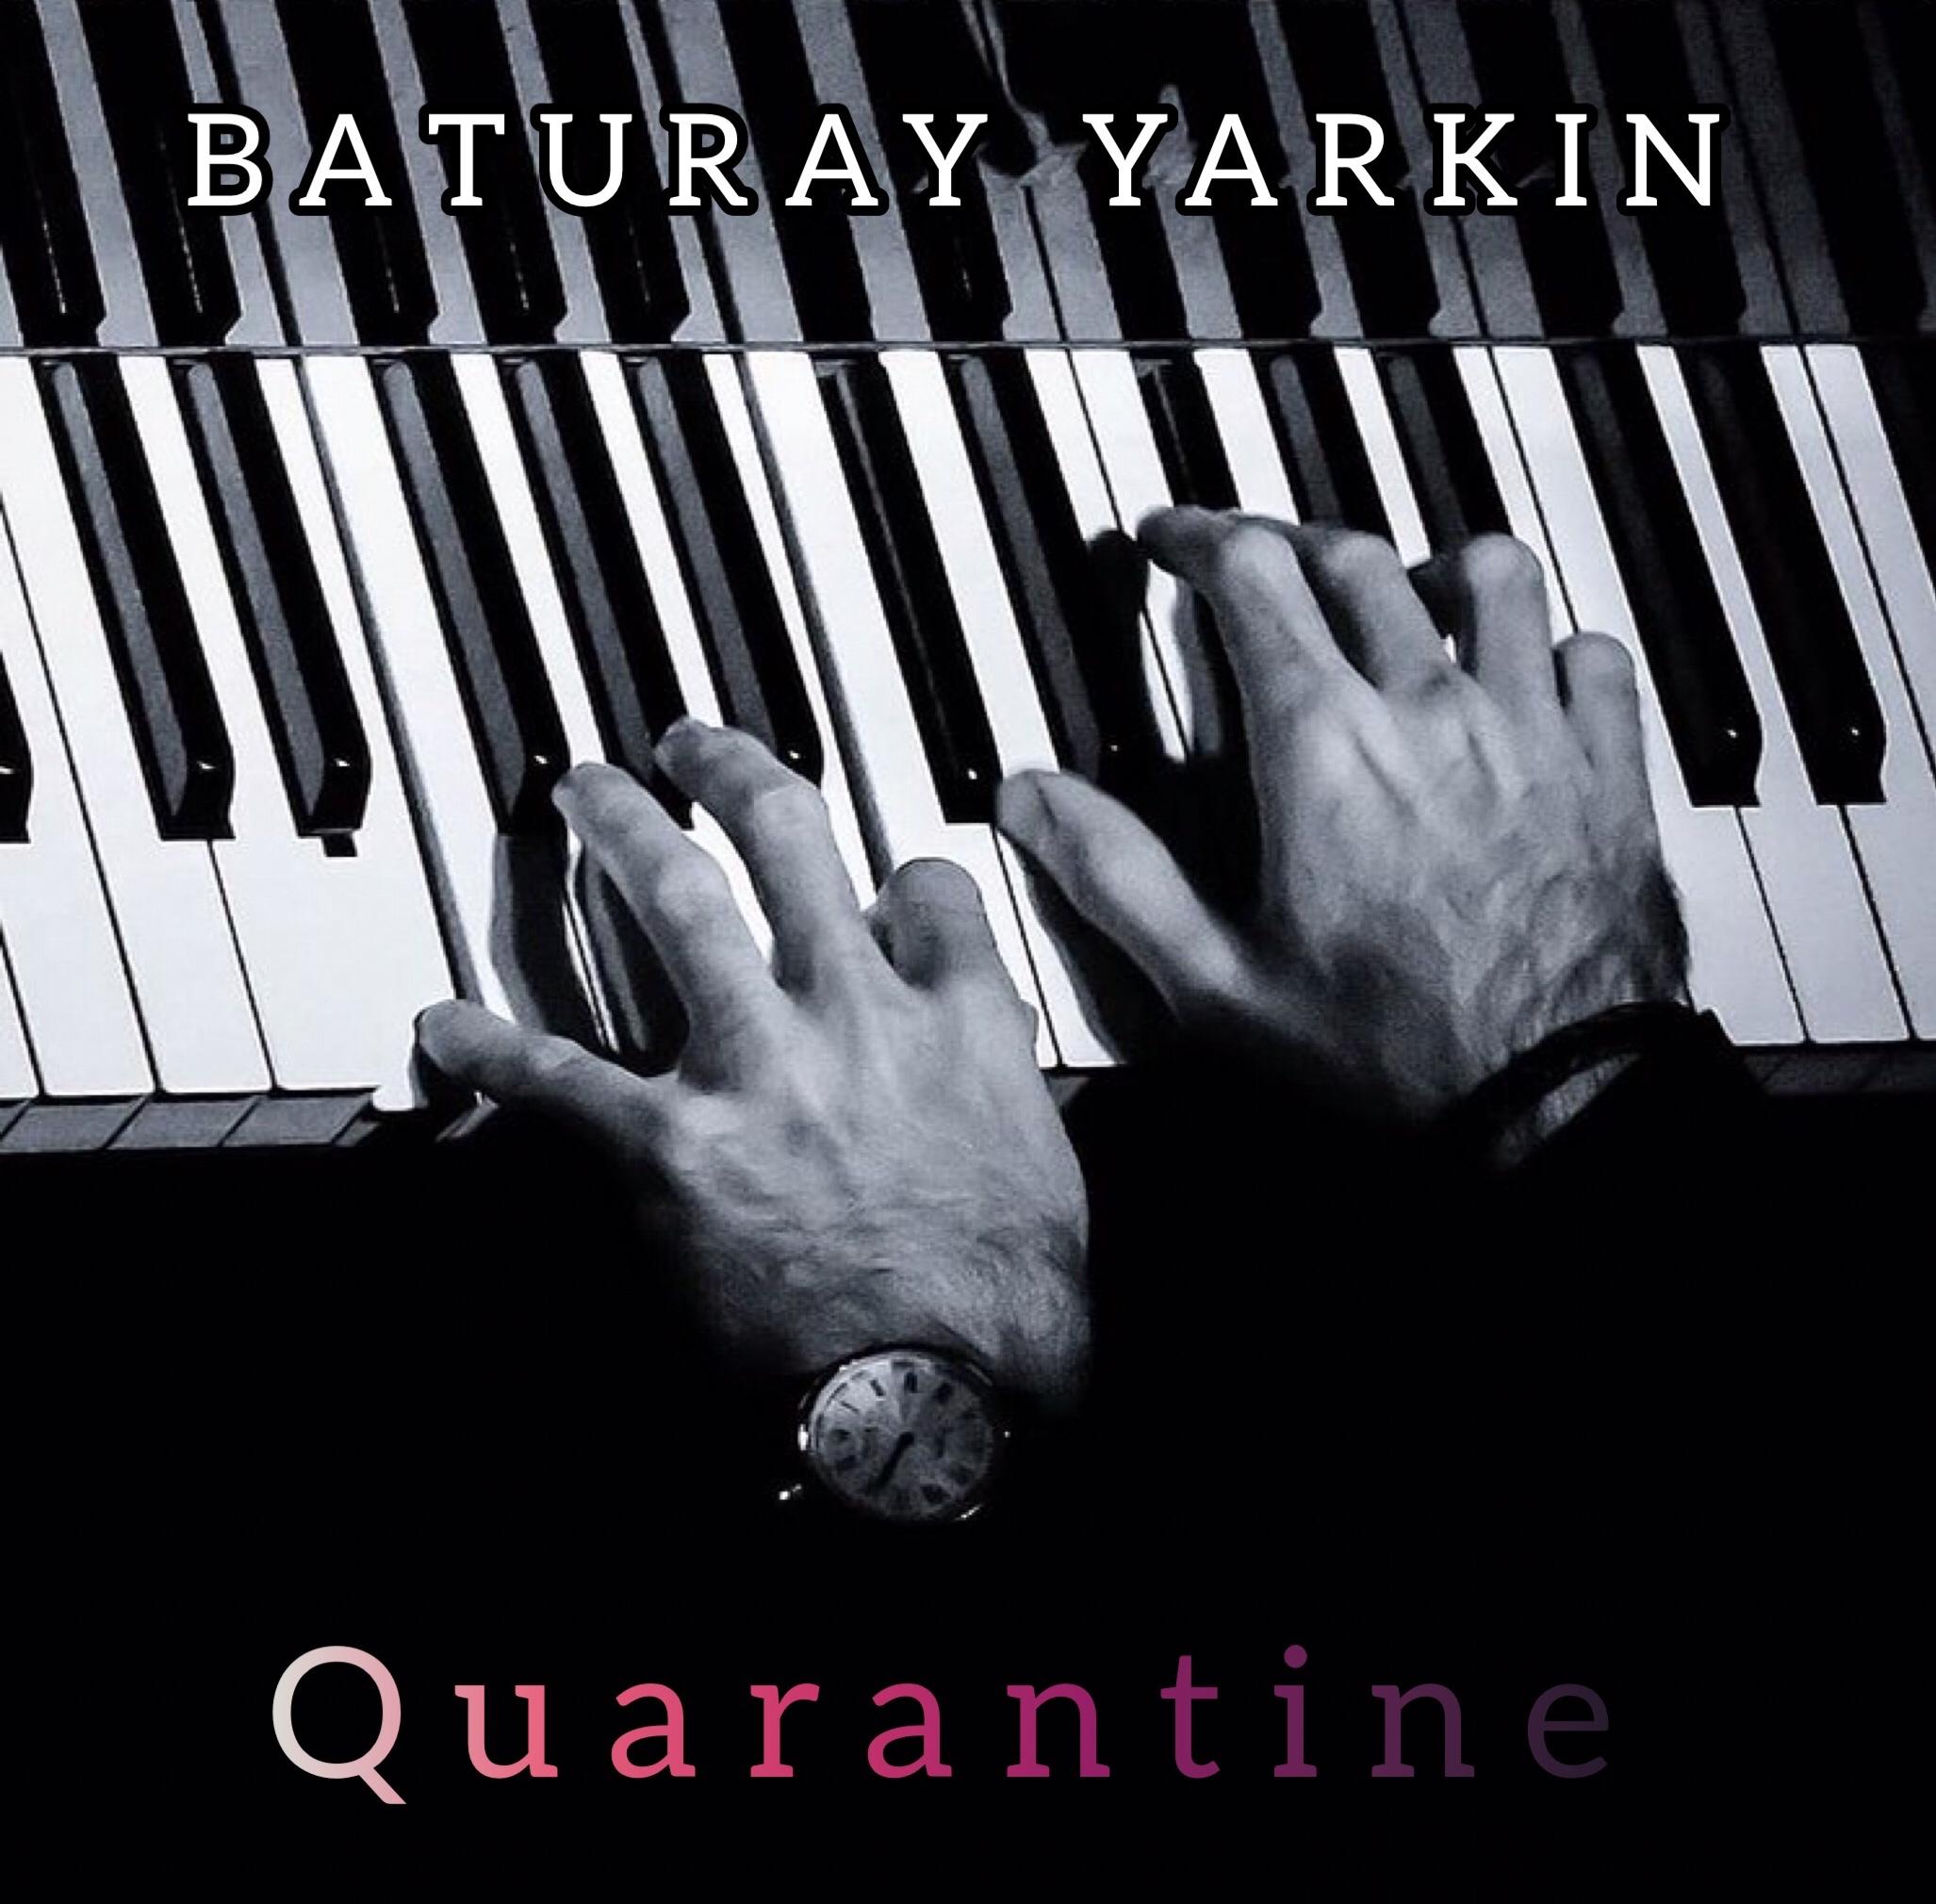 Baturay Yarkın – Quarantine (2021)